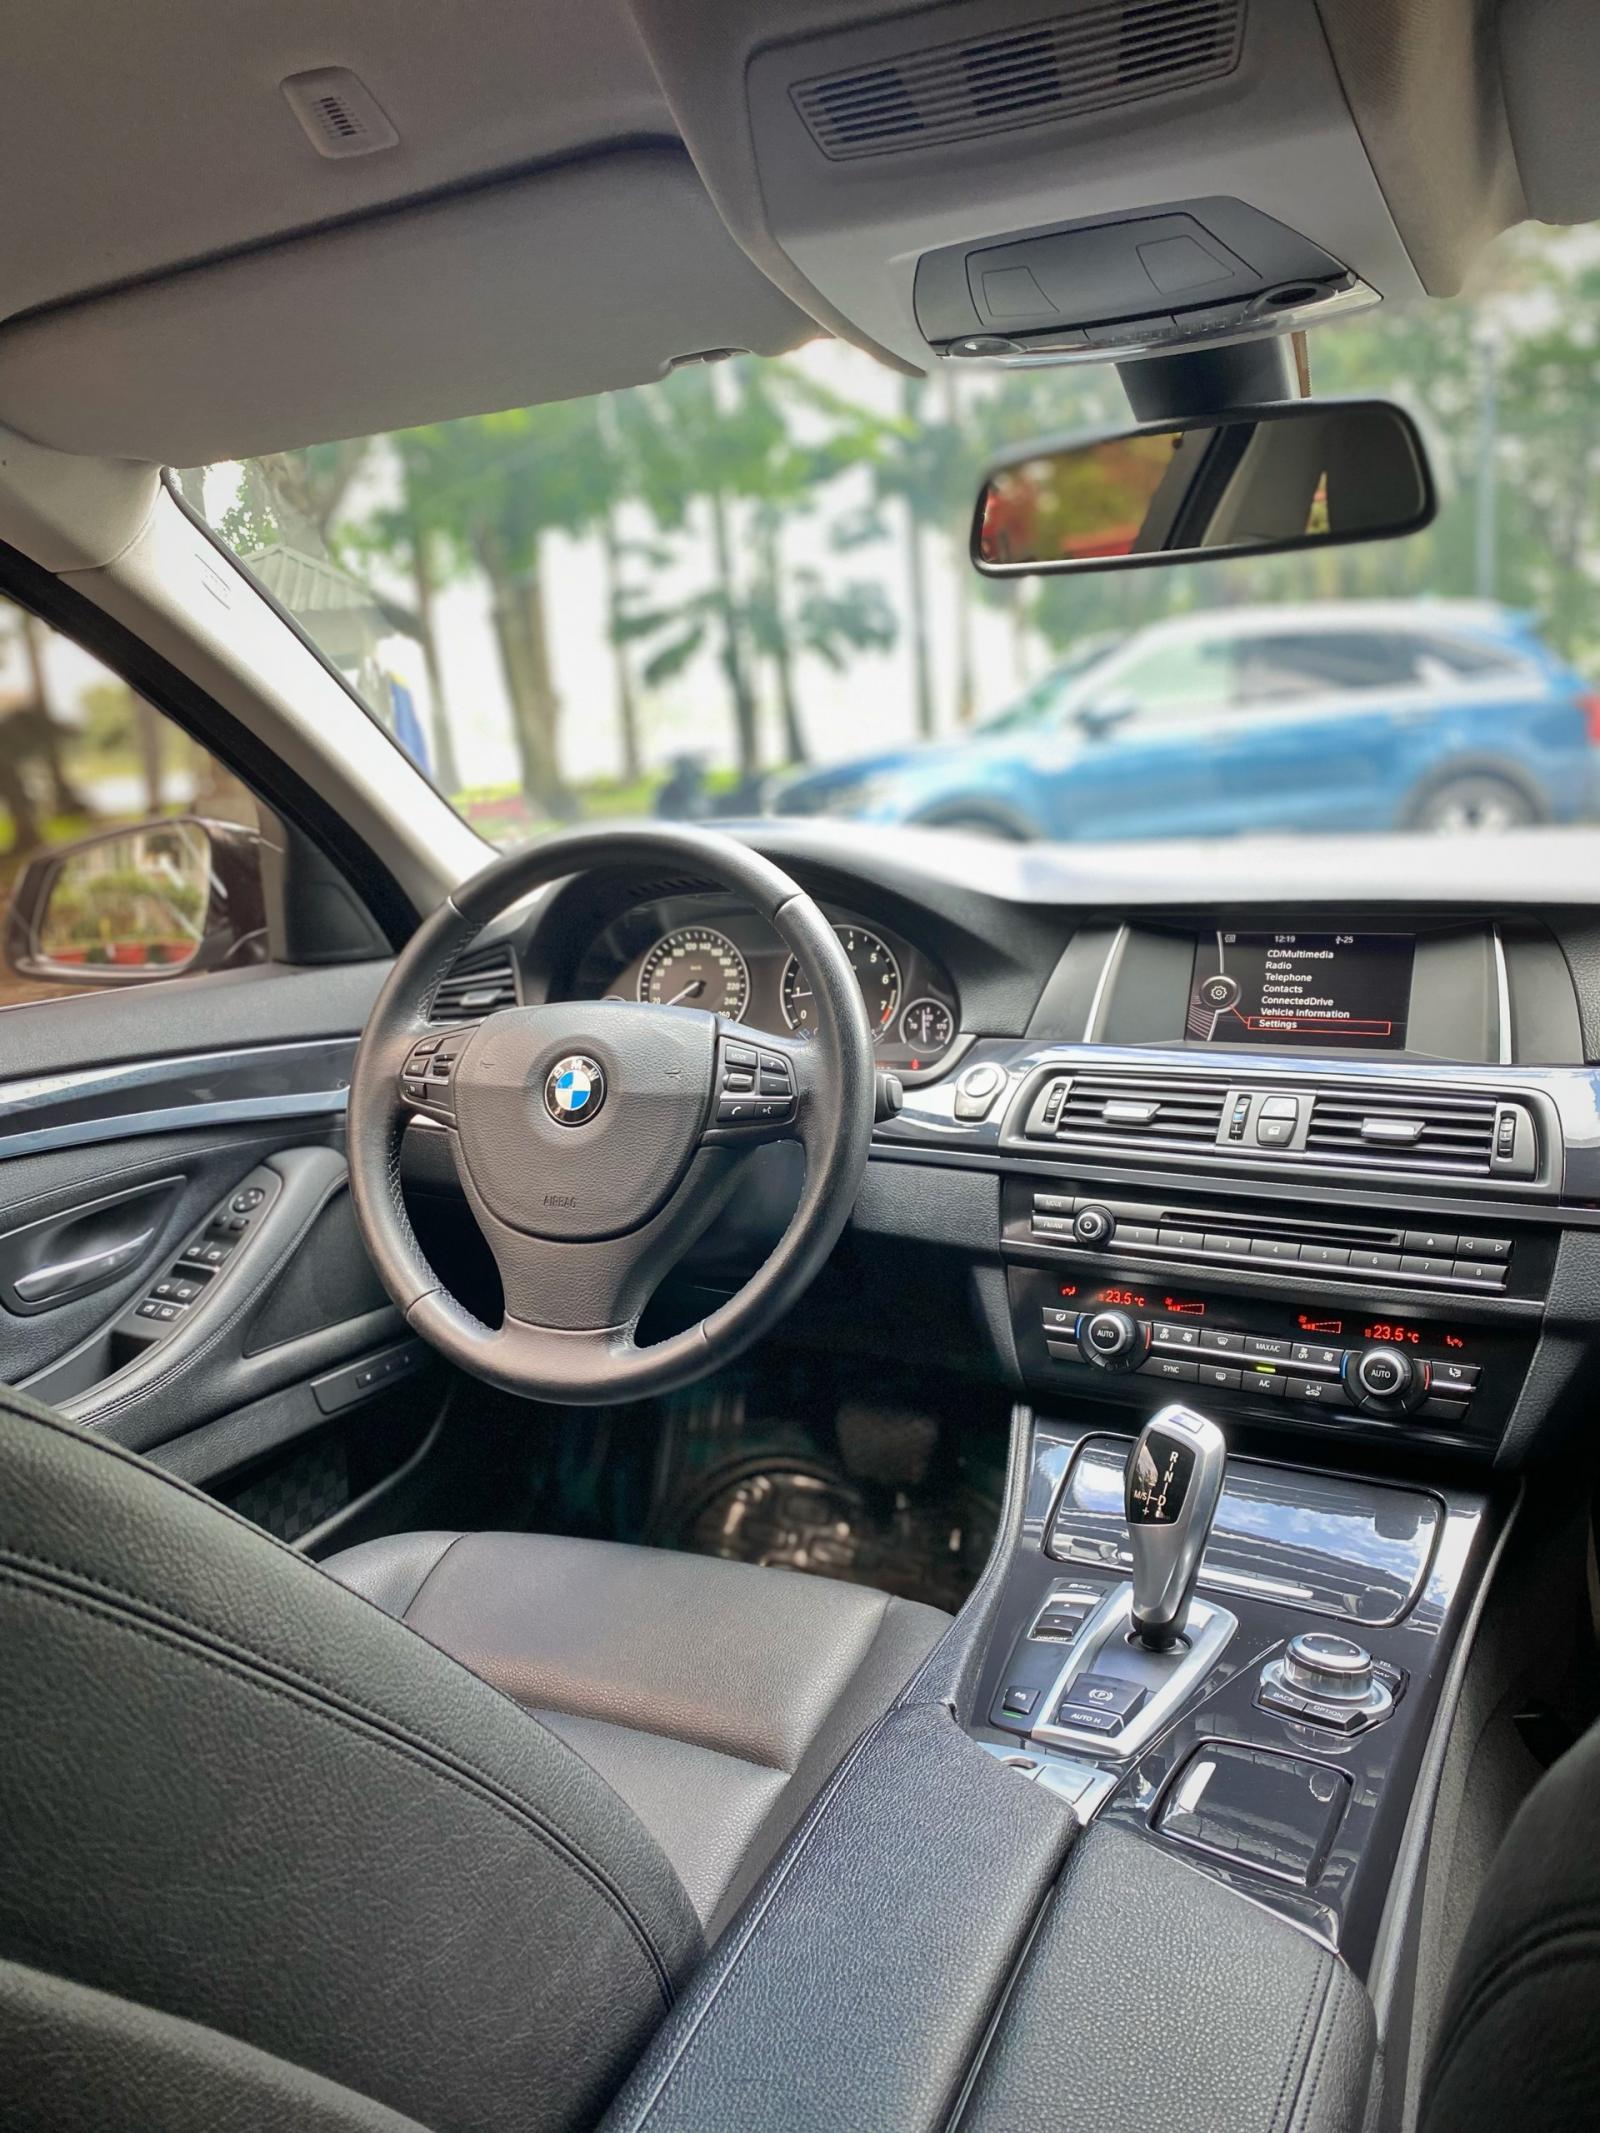 Cần bán gấp BMW 5 Series 520i sản xuất 2014, màu đen, nhập khẩu chính hãng